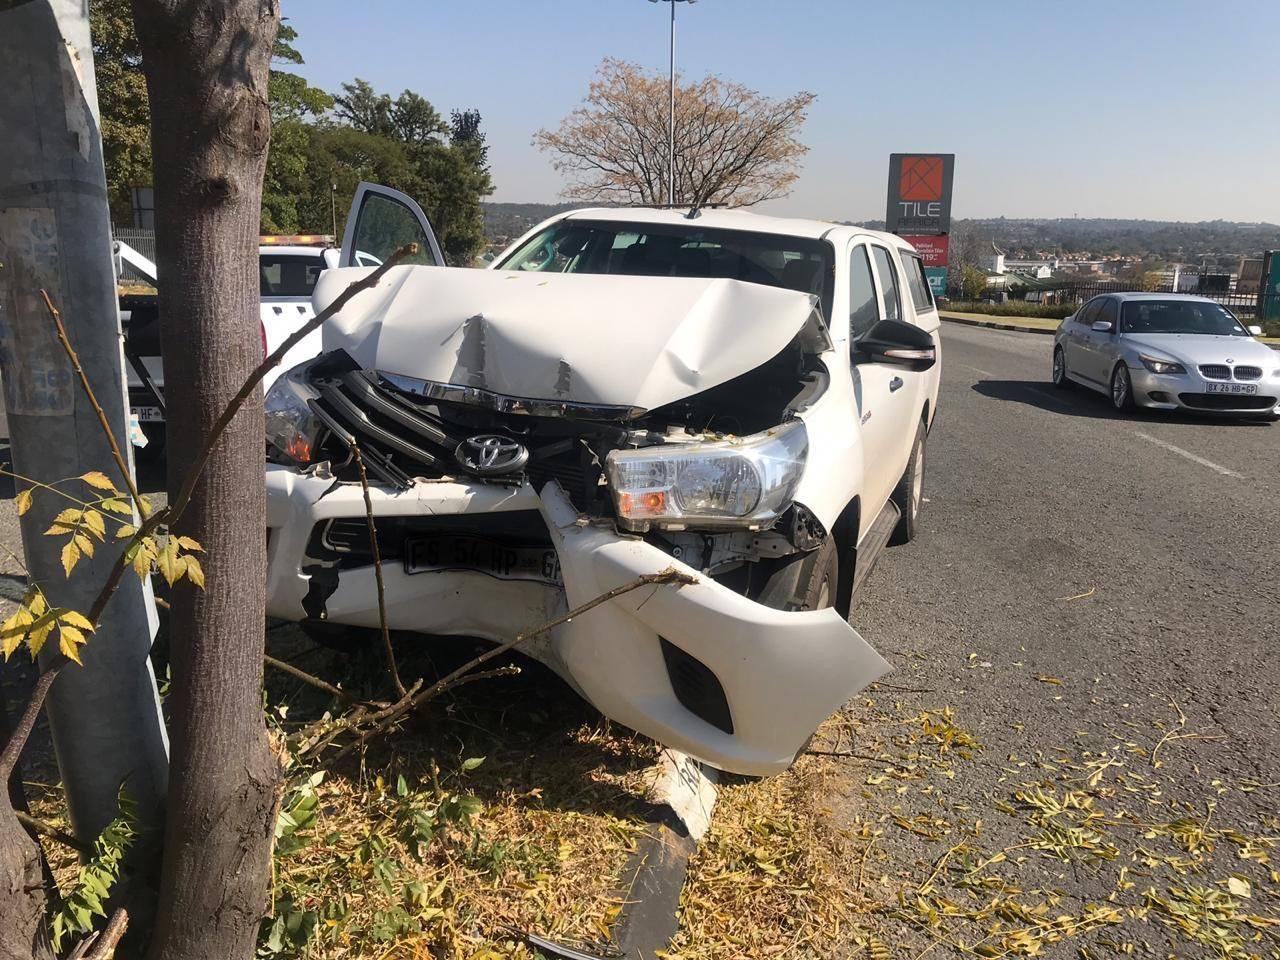 One person injured in Randburg collision